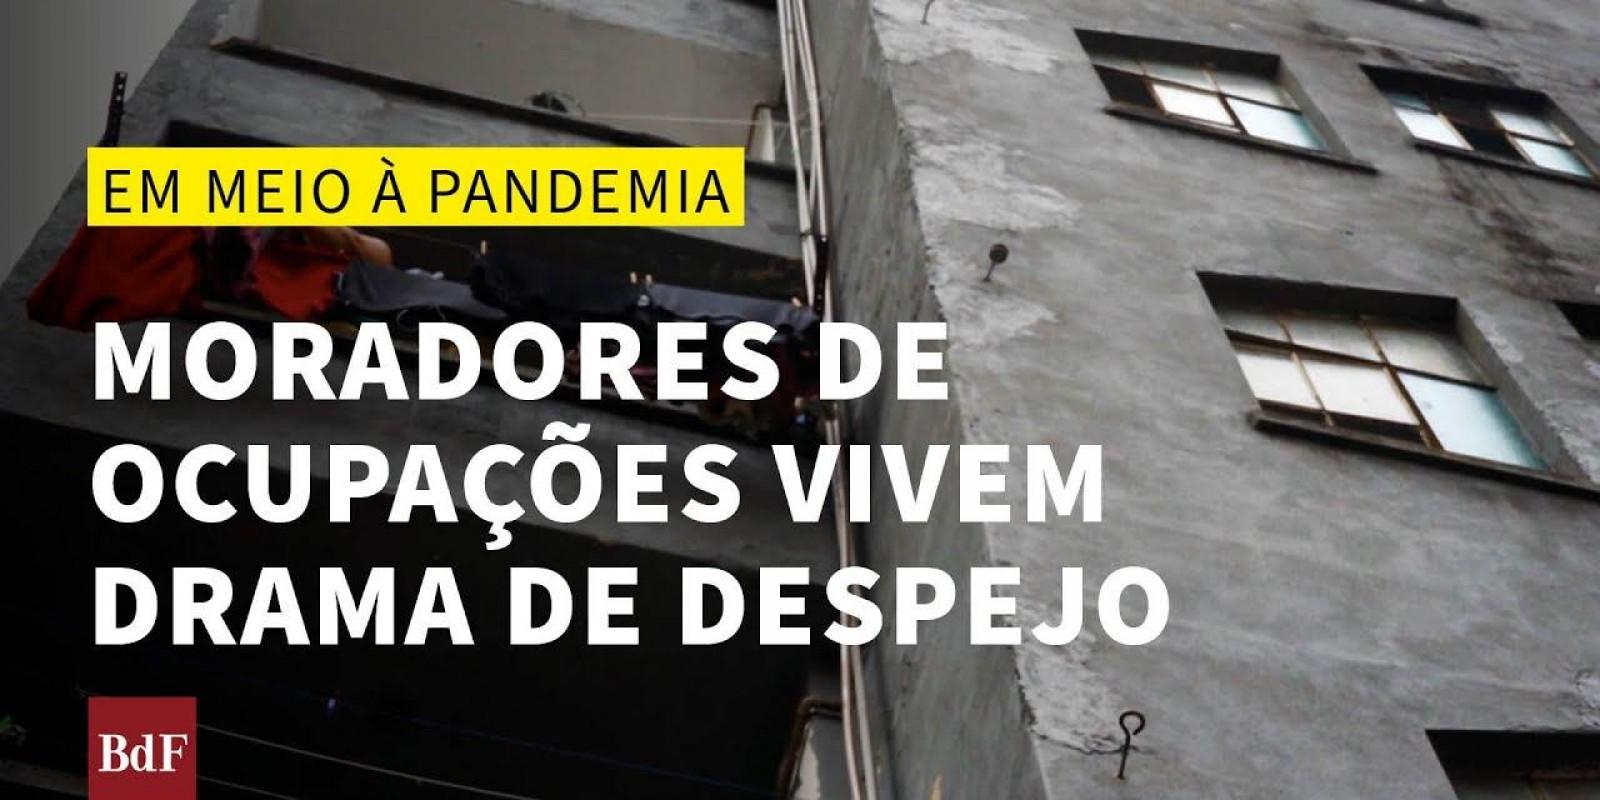 Moradores de ocupações vivem drama de despejo em meio à pandemia da covid-19